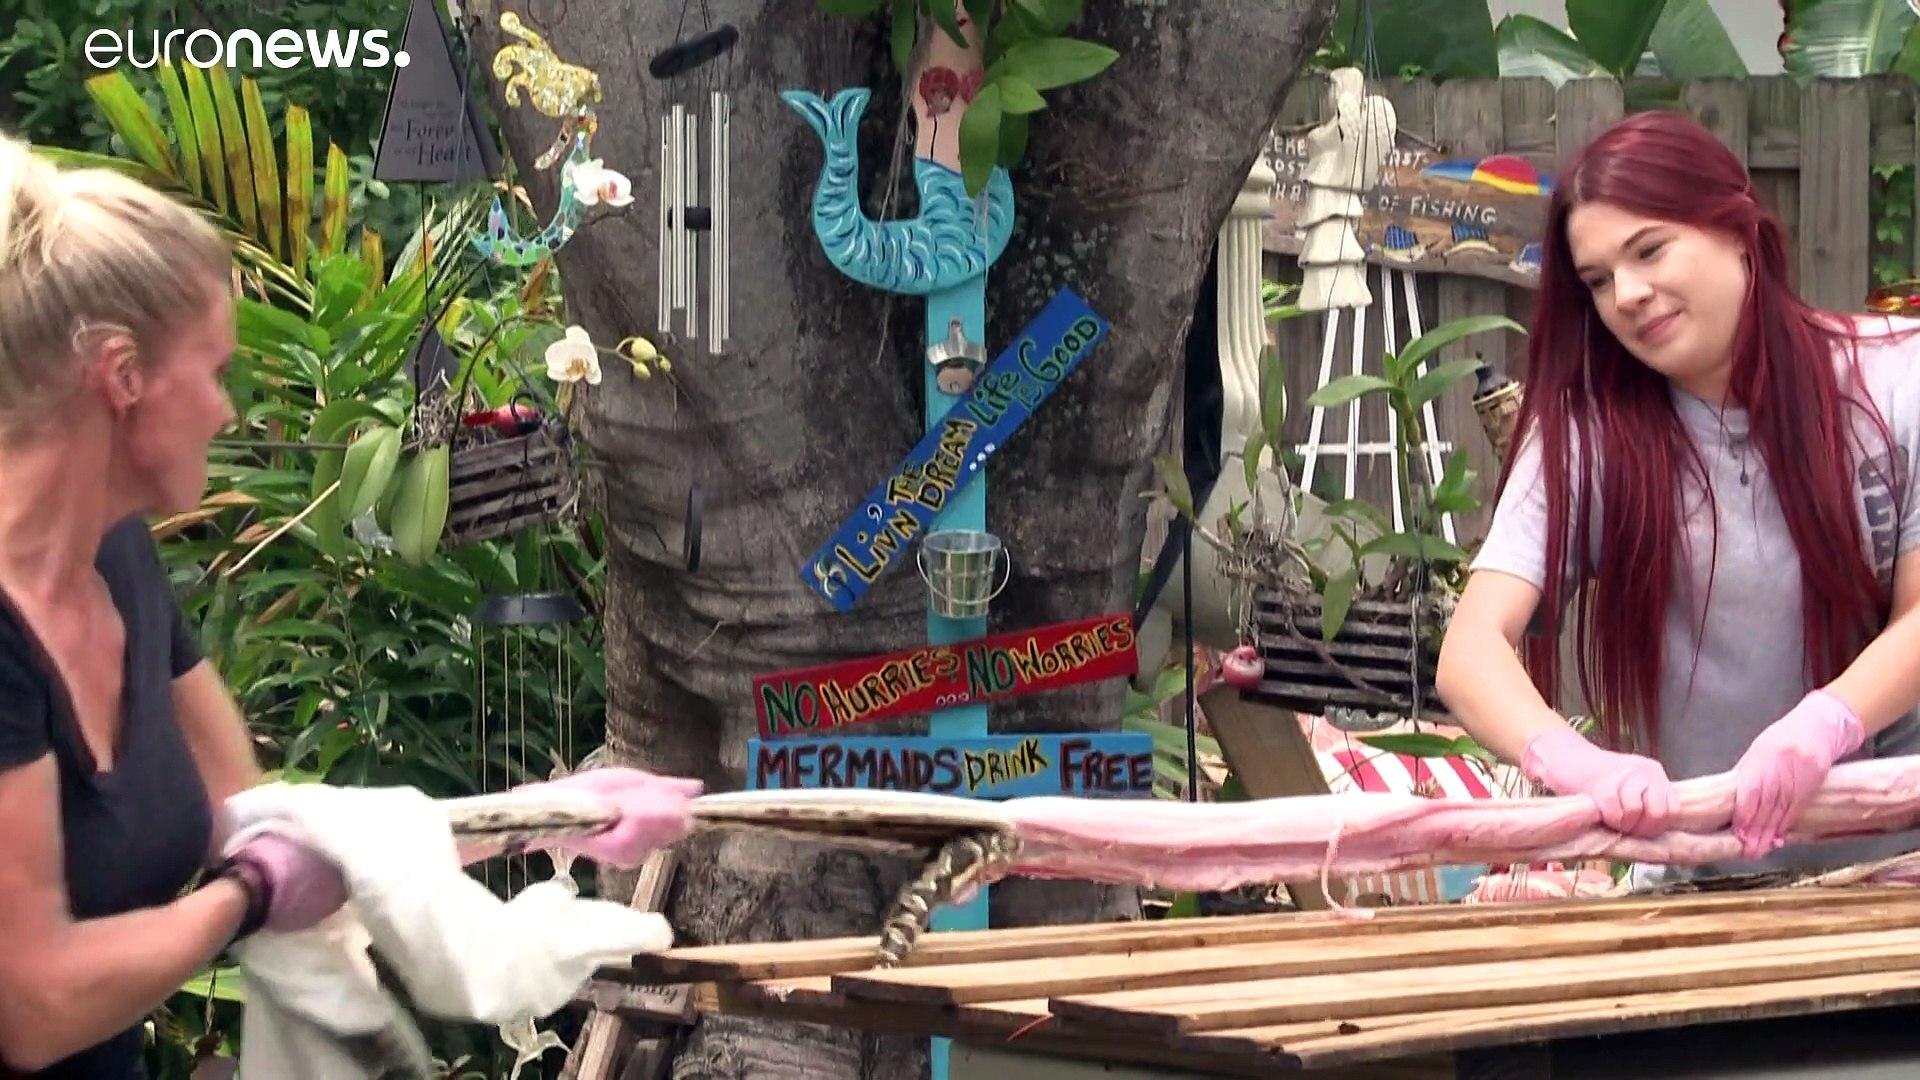 شاهد: يصطادون الأفاعي والثعابين السامة في فلوريدا لصنع أقنعة واقية من كورونا